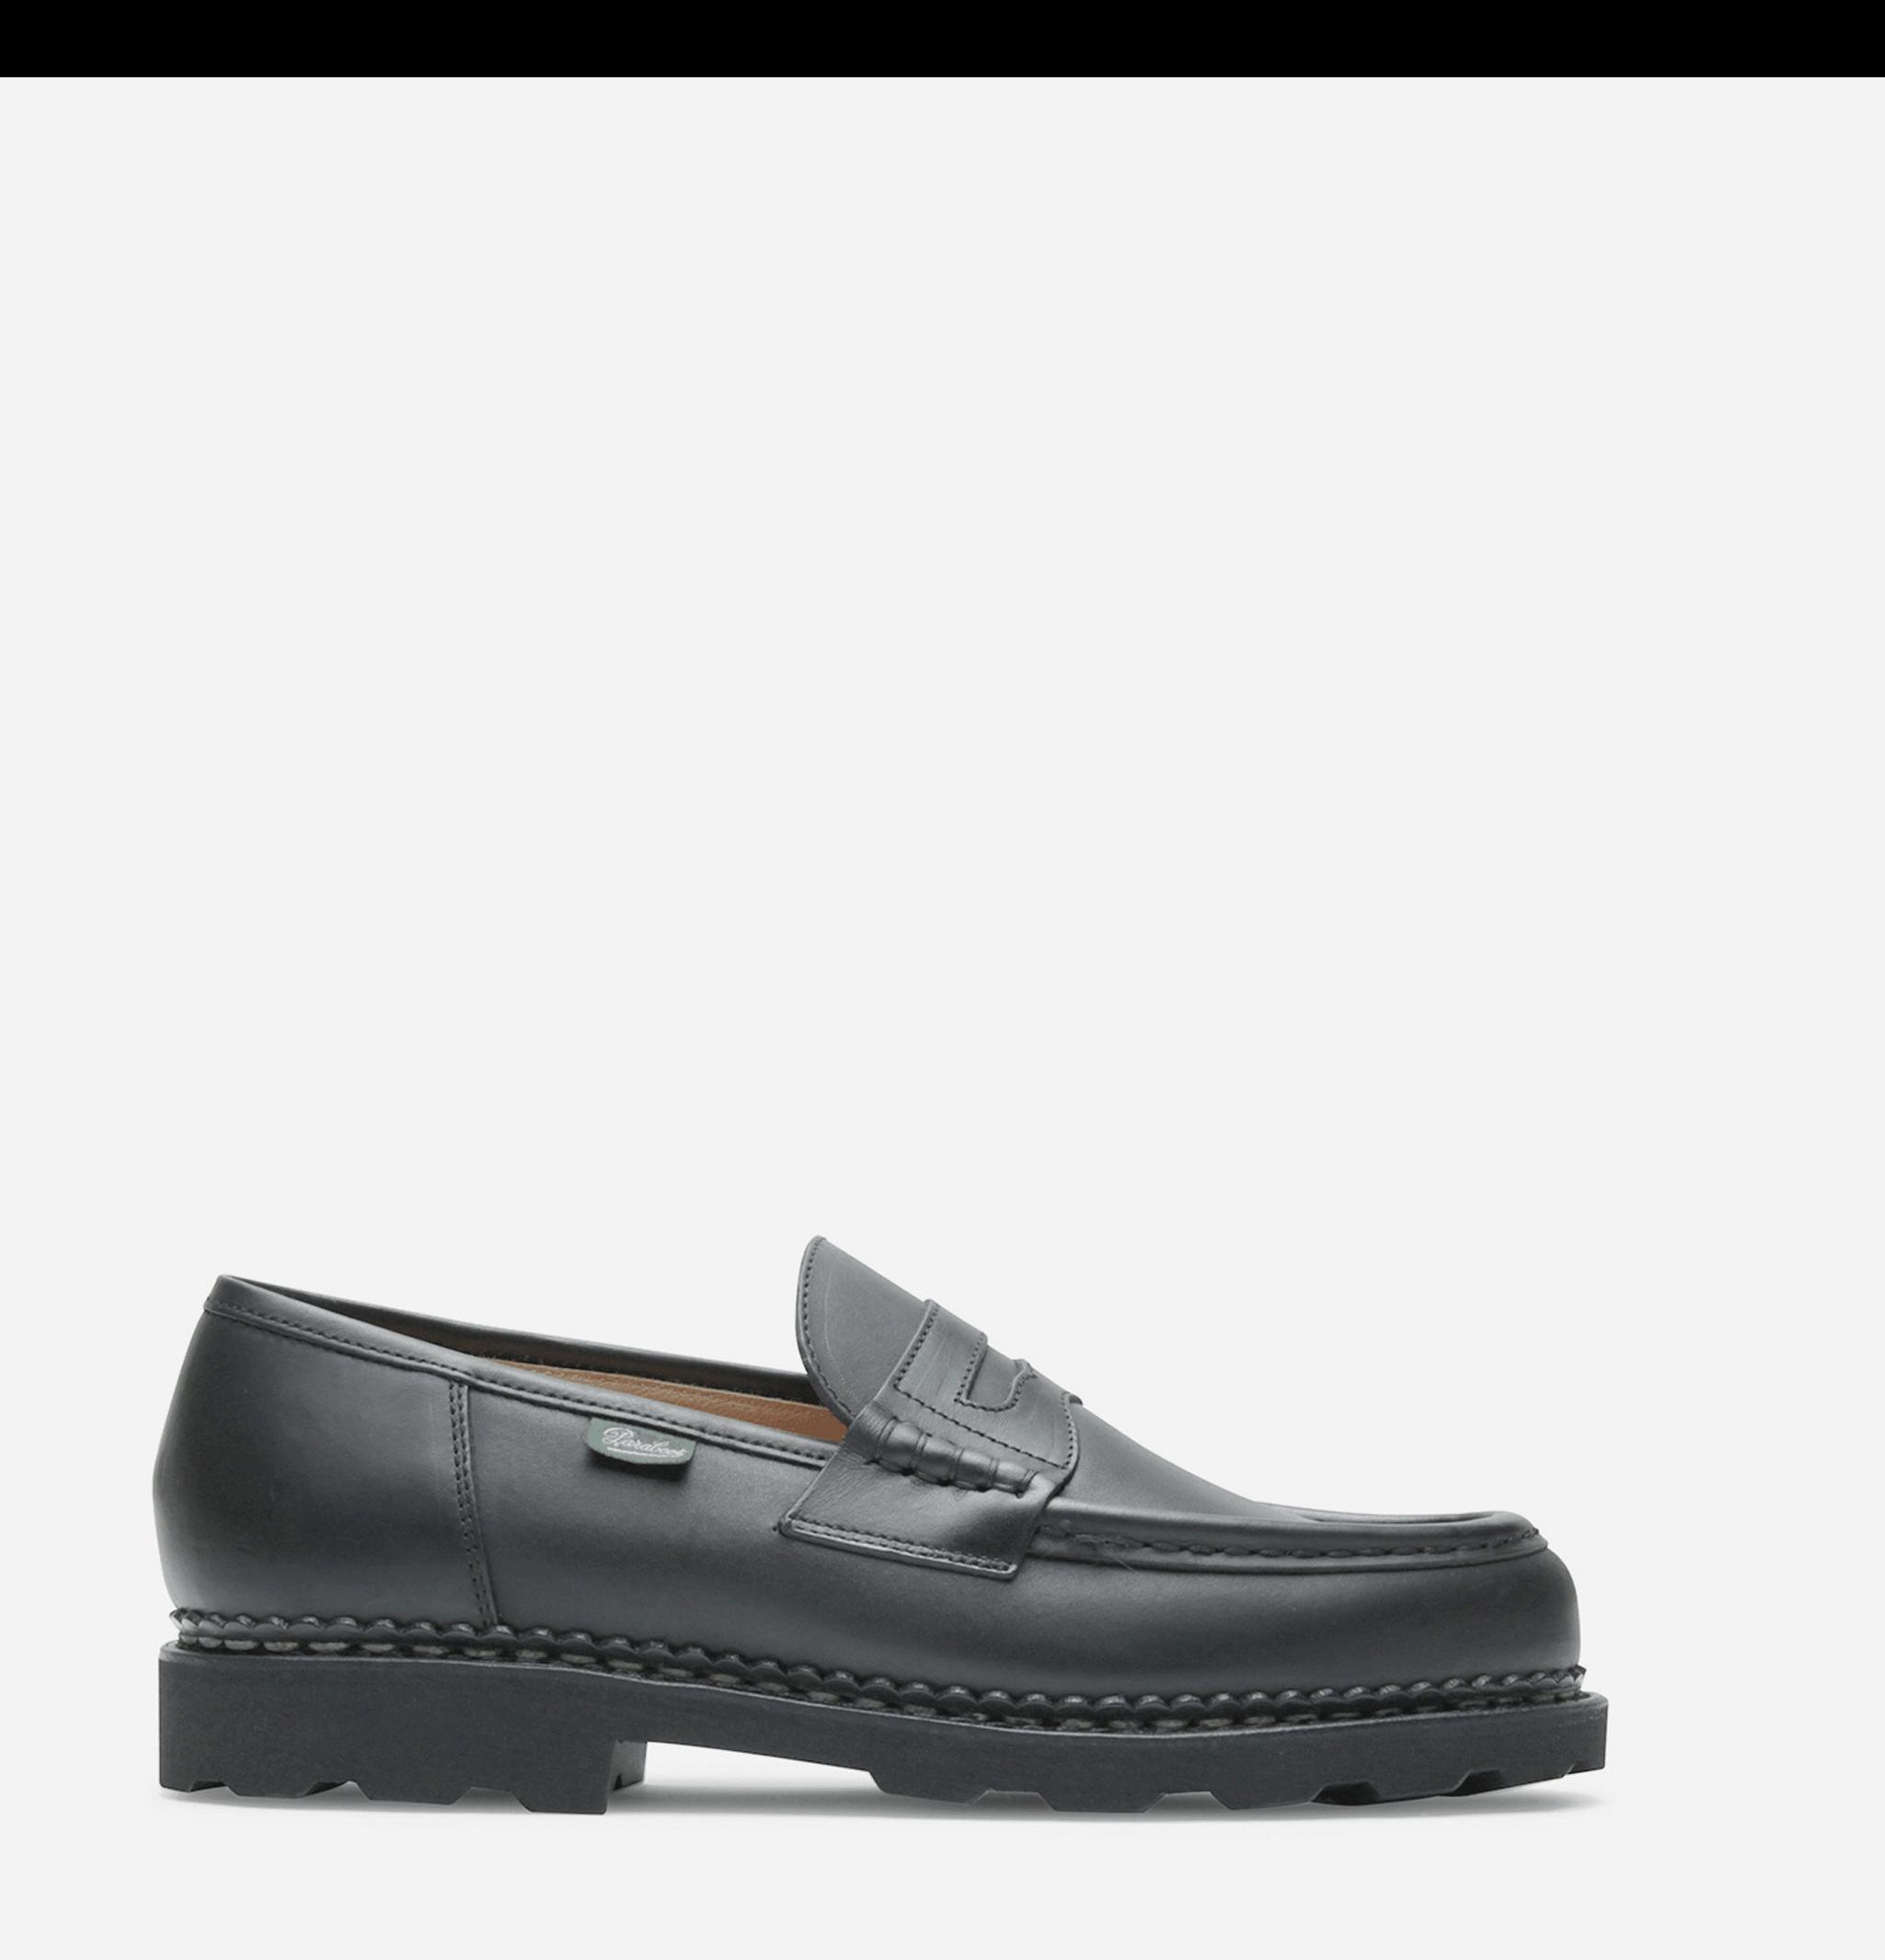 Reims Shoes Black